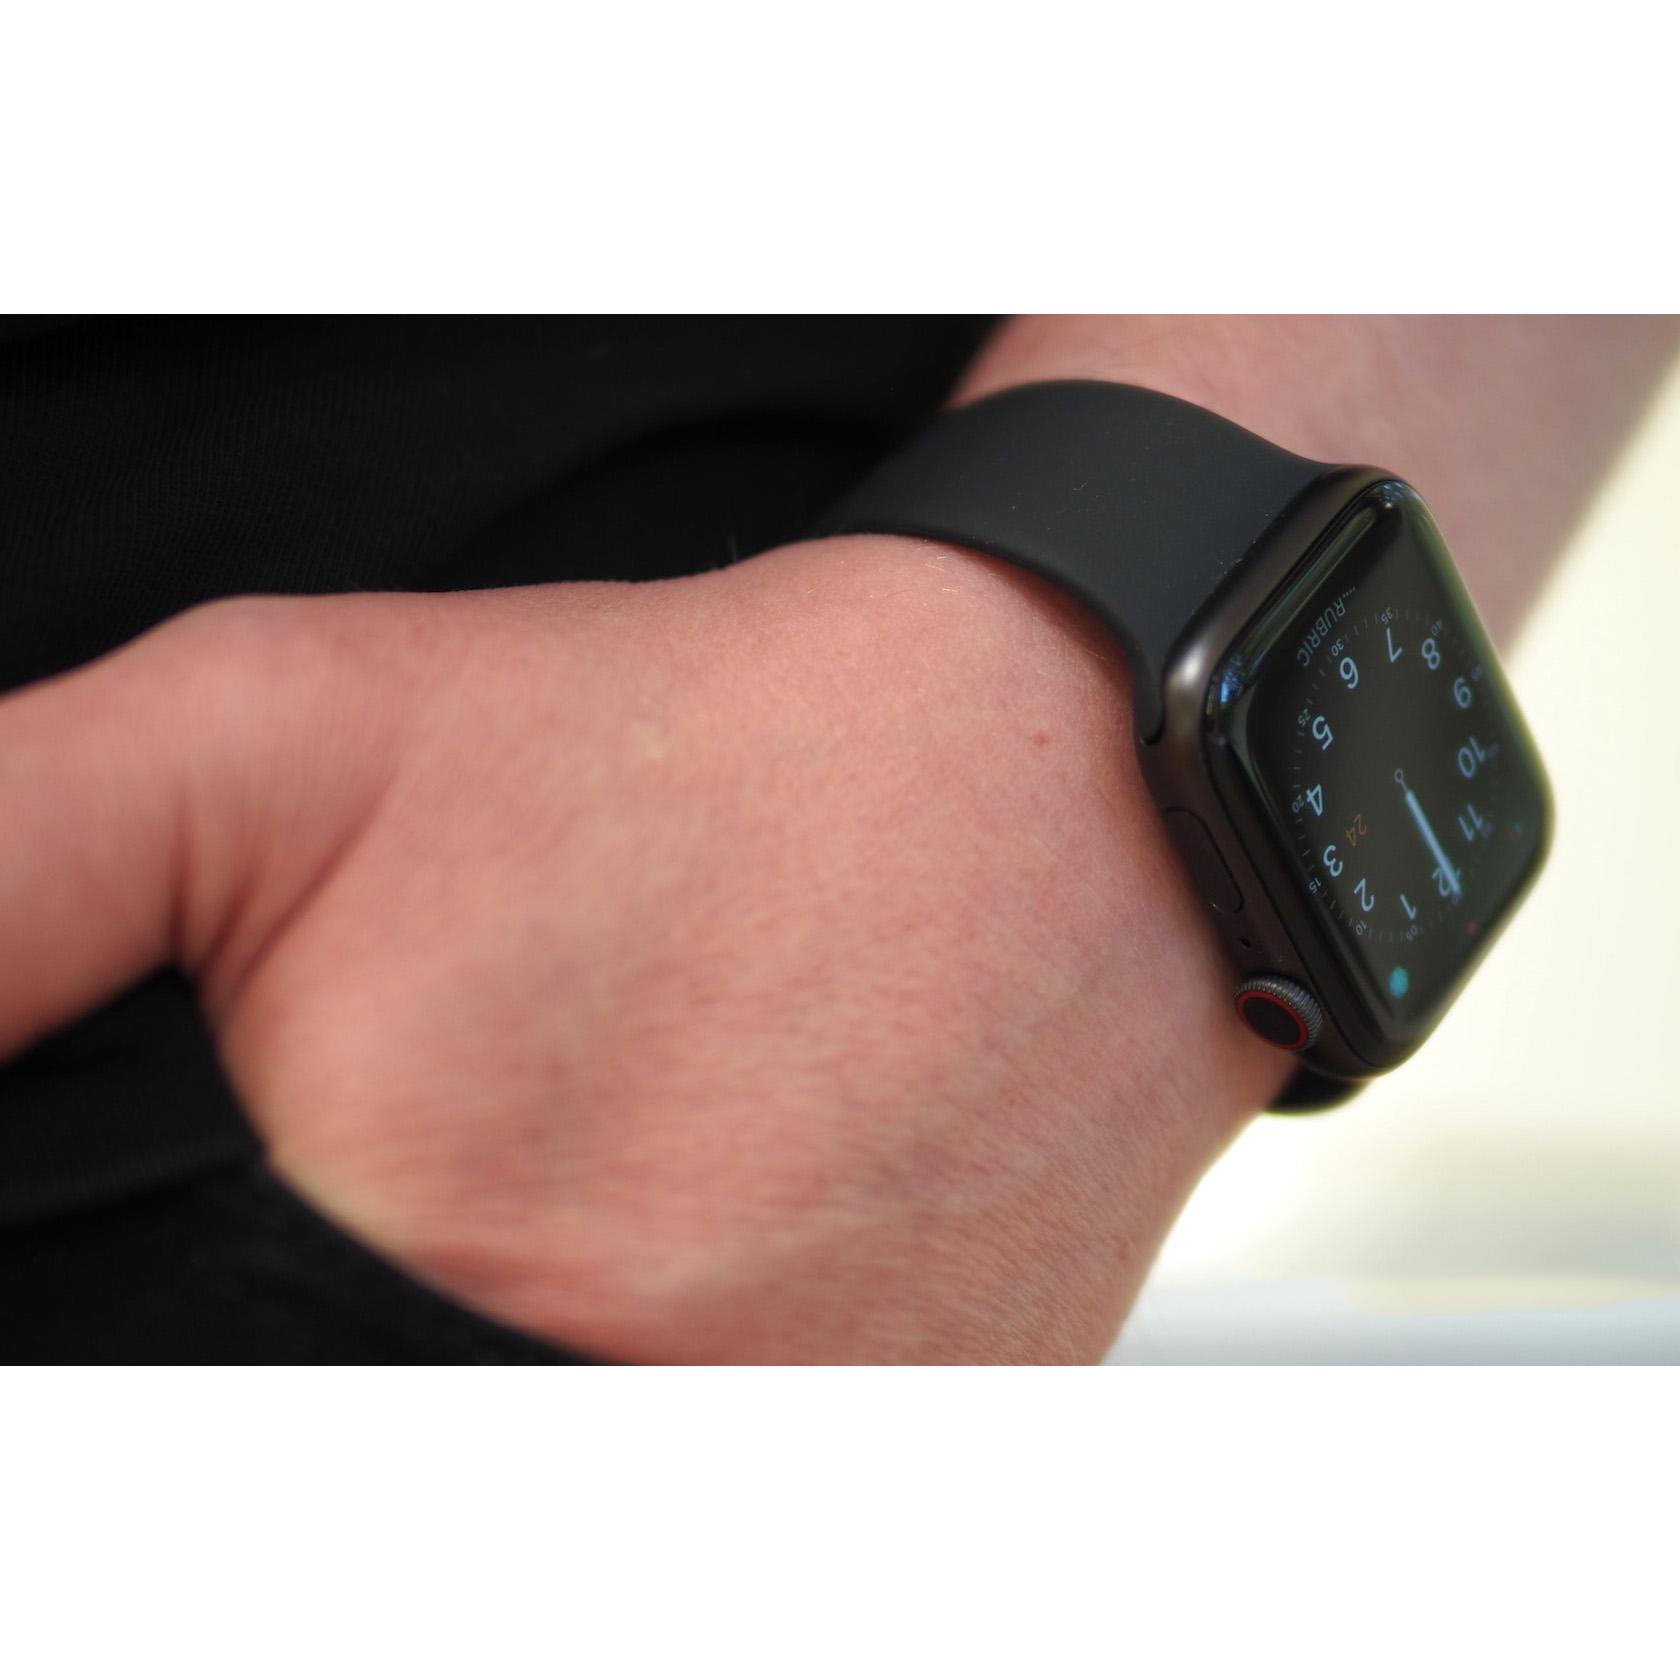 ساعت هوشمند اپل واچ سری 5 مدل 44m Space  Aluminum Case  Sport Band main 1 6